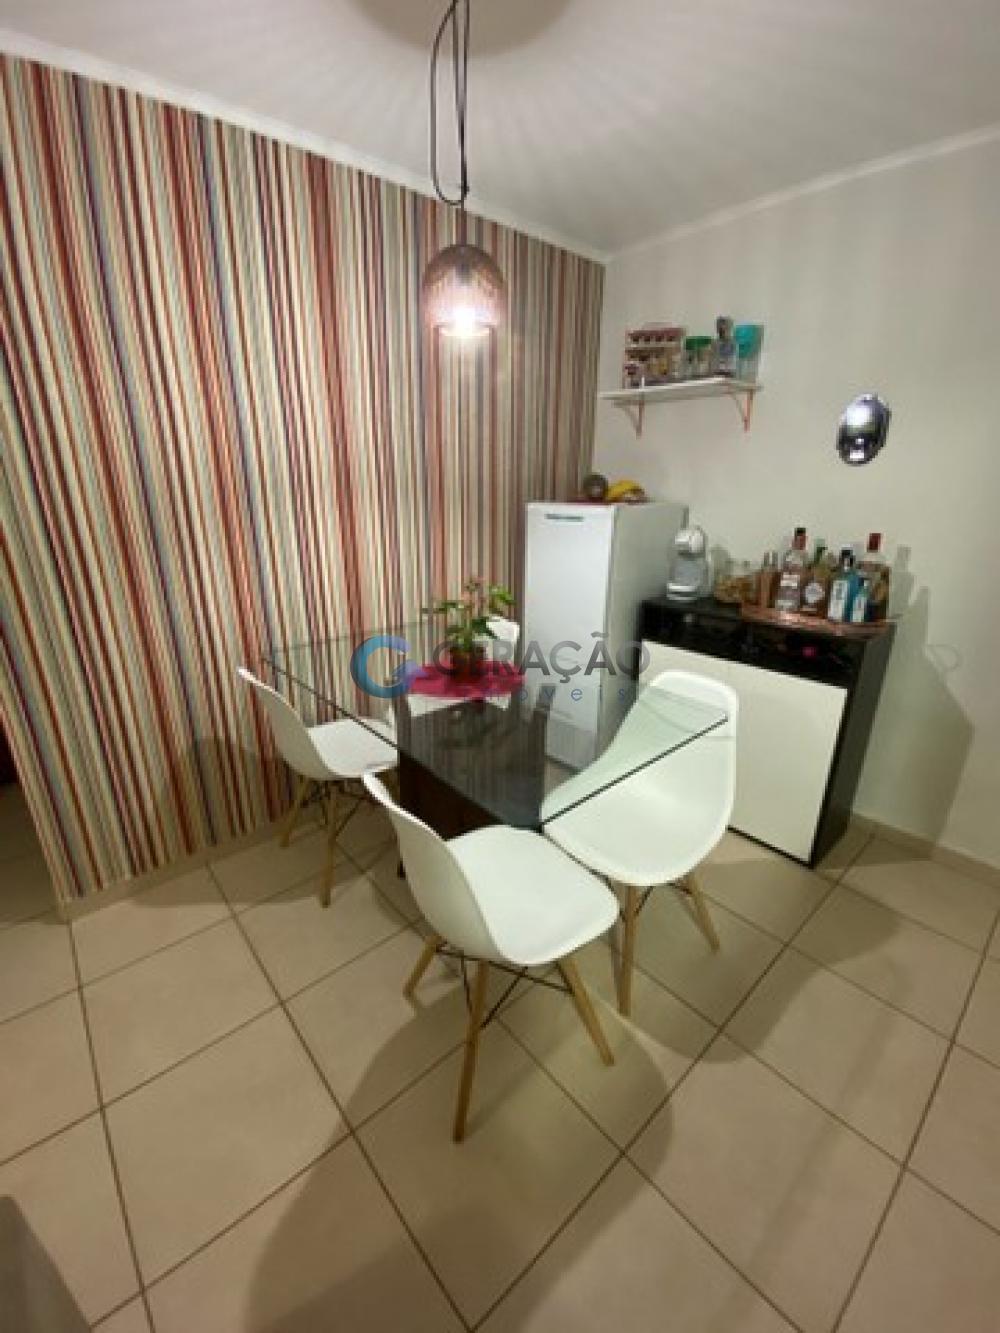 Comprar Apartamento / Padrão em São José dos Campos R$ 300.000,00 - Foto 6